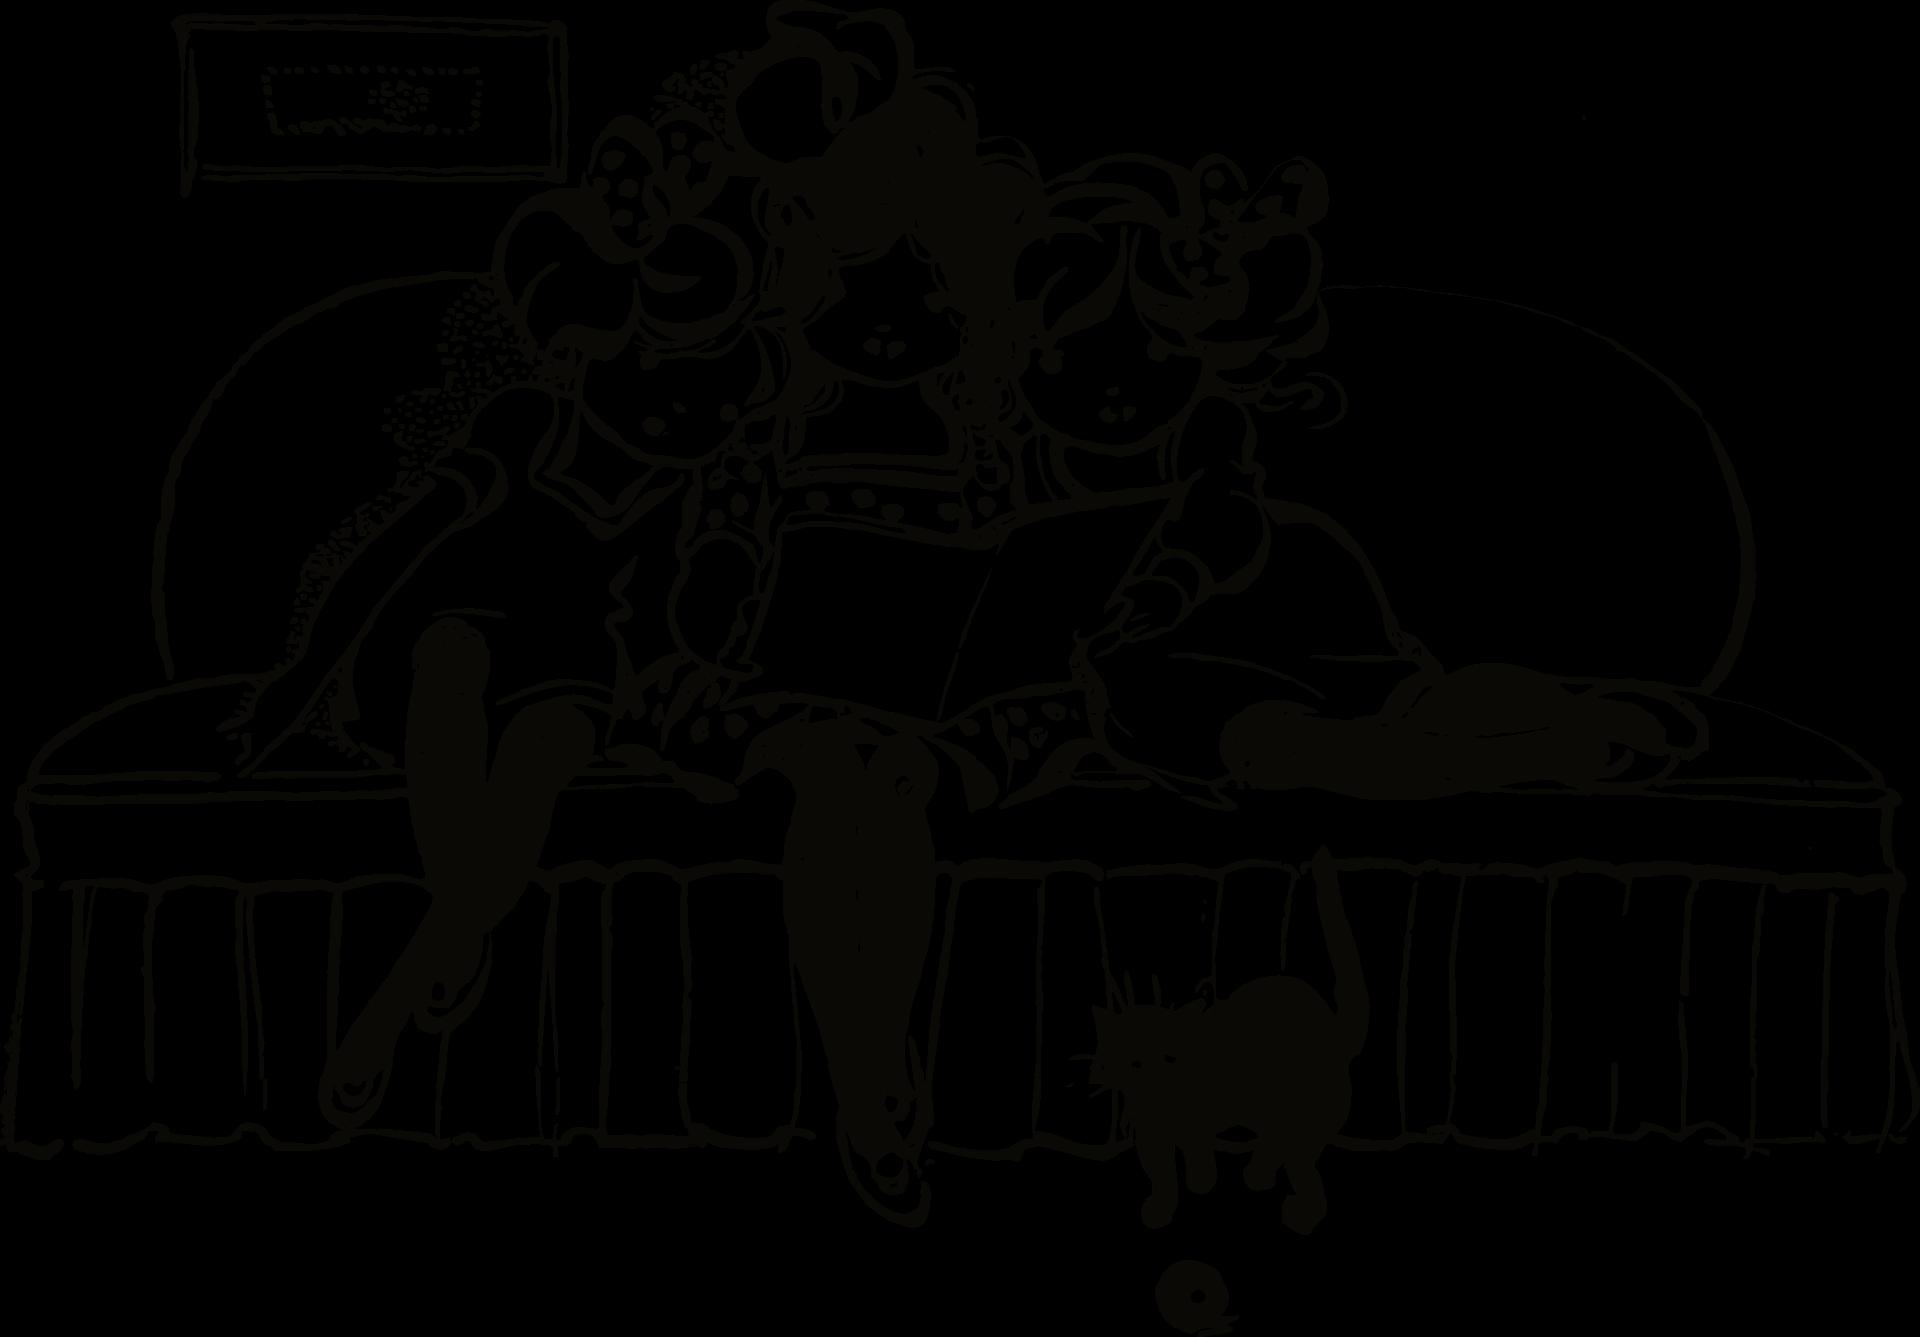 חוג בית לנשים, חוגי בית לנשים, יום האישה רעיונות, יום האישה הבינלאומי הופעות, יום האישה הבינלאומי רעיונות, יום האישה מופעים, מספרי סיפורים, הצגה מצחיקה מומלצת, הרצאות בעברית,  אמני סטנד אפ, הרצאות מעניינות בעברית, הרצאות קצרות, הרצאות קצרות ומעניינות, מספרת סיפורים, הצגות בידור למבוגרים, הרצאות מרתקות, עדנה קנטי, אהבה וצרות אחרות